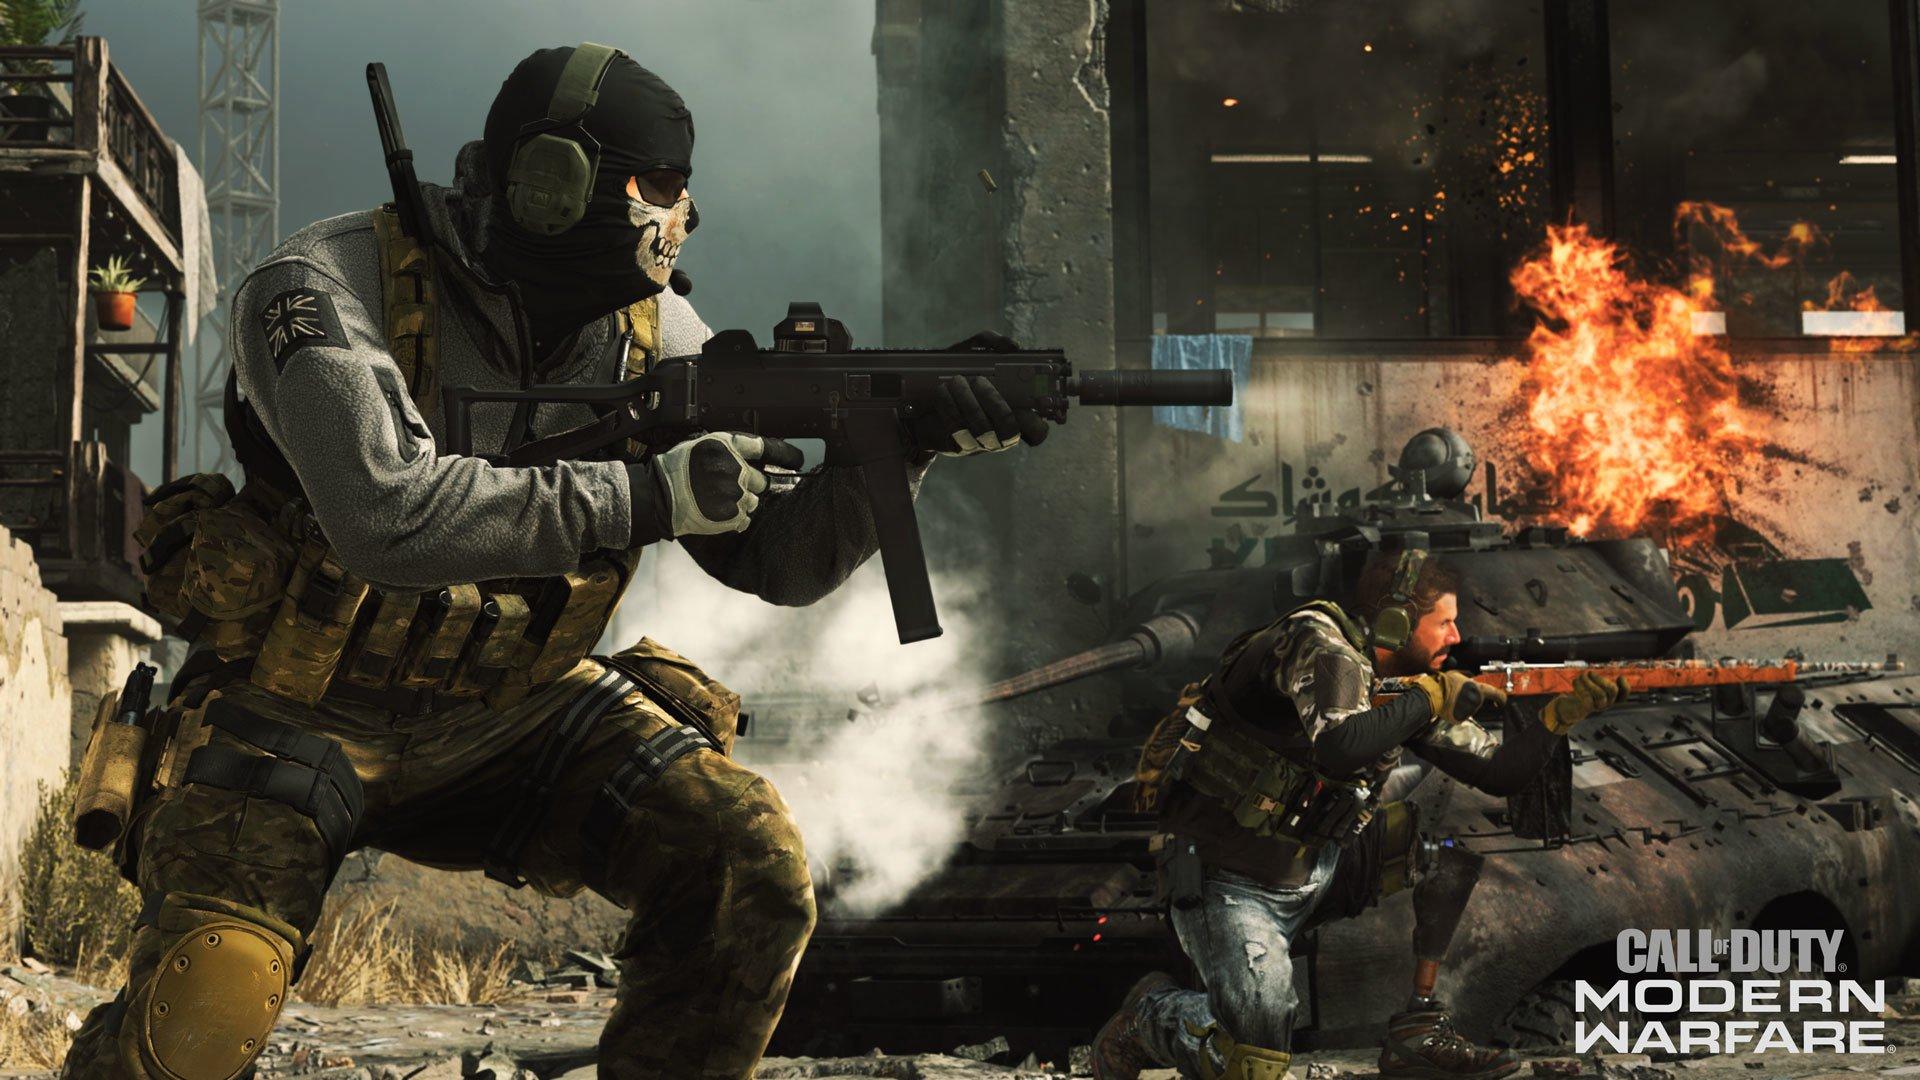 Call of Duty: Modern Warfare'ın Boyutunu Küçülten Güncelleme Yayınlandı